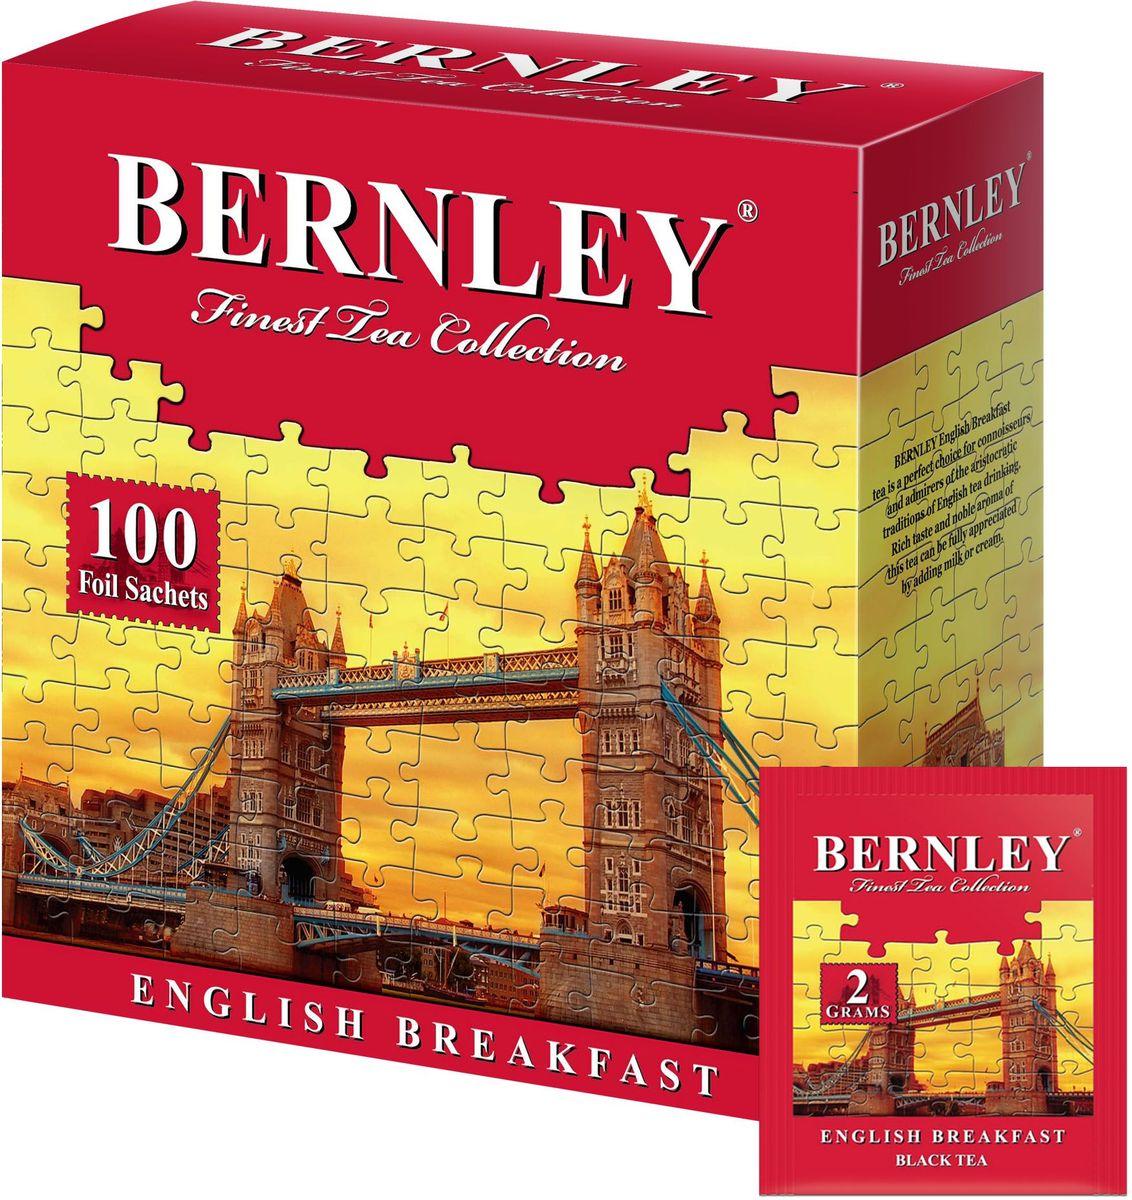 Bernley English Breakfast чай черный байховый мелкий в пакетиках, 100 шт1070128Bernley English Breakfast в конвертах - высокогорный черный чай для традиционного английского чаепития.